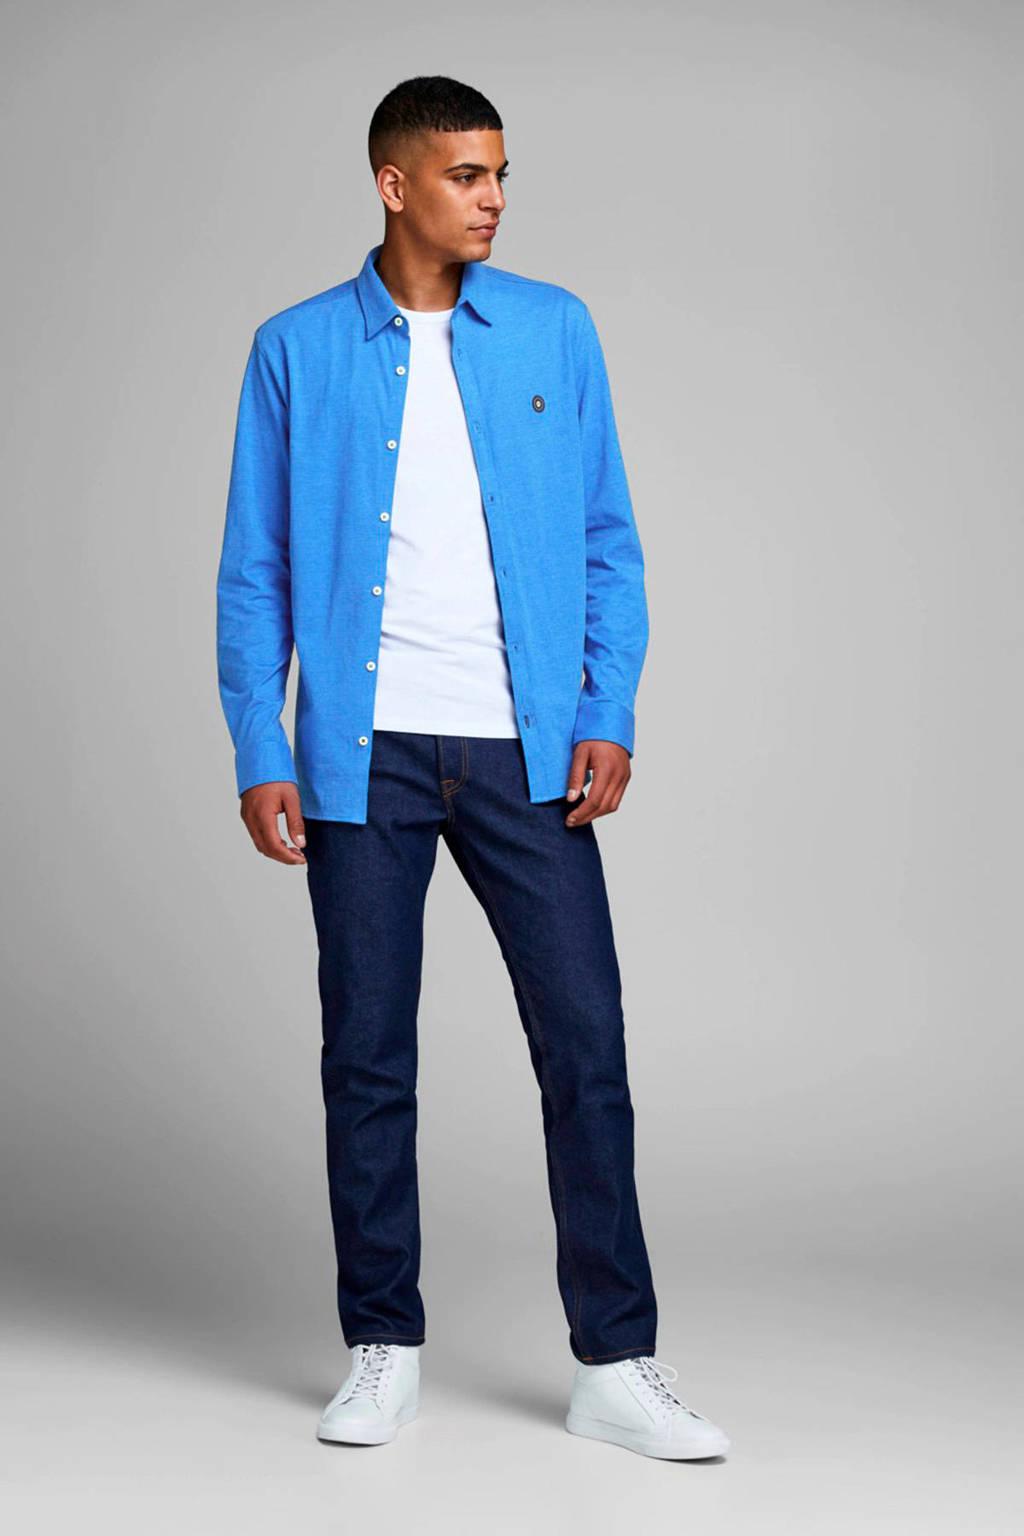 JACK & JONES CORE gemêleerd slim fit overhemd lichtblauw, Lichtblauw